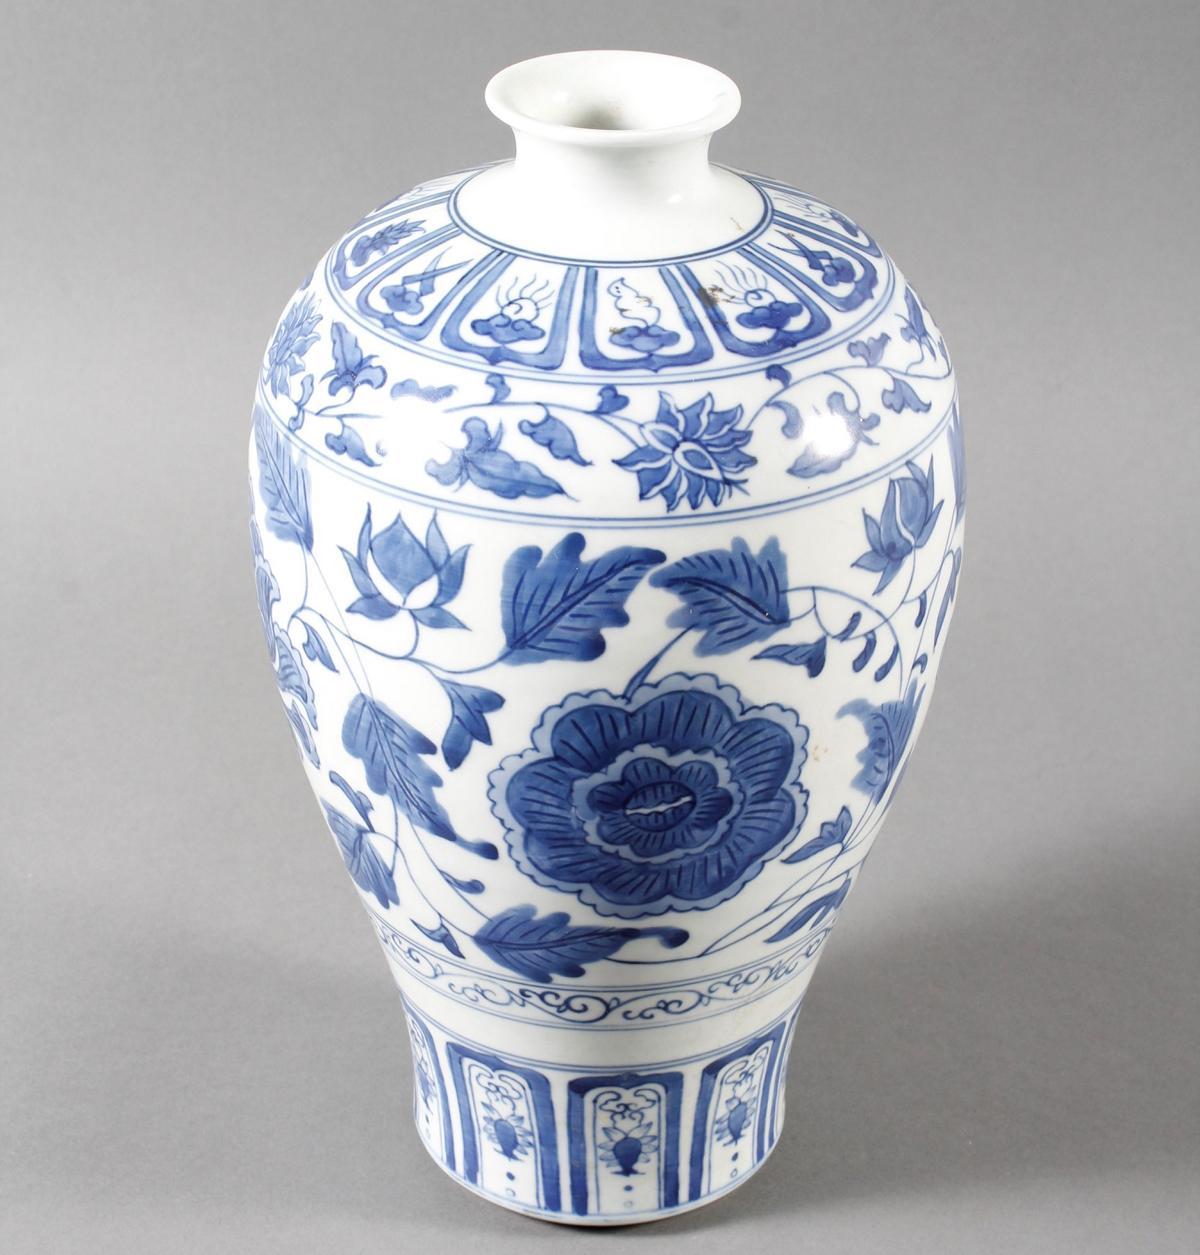 """Blau-Weiß- Porzellan Ziervase """"Meiping"""", China, Thung-chih 1862-1874 gemarkt-4"""